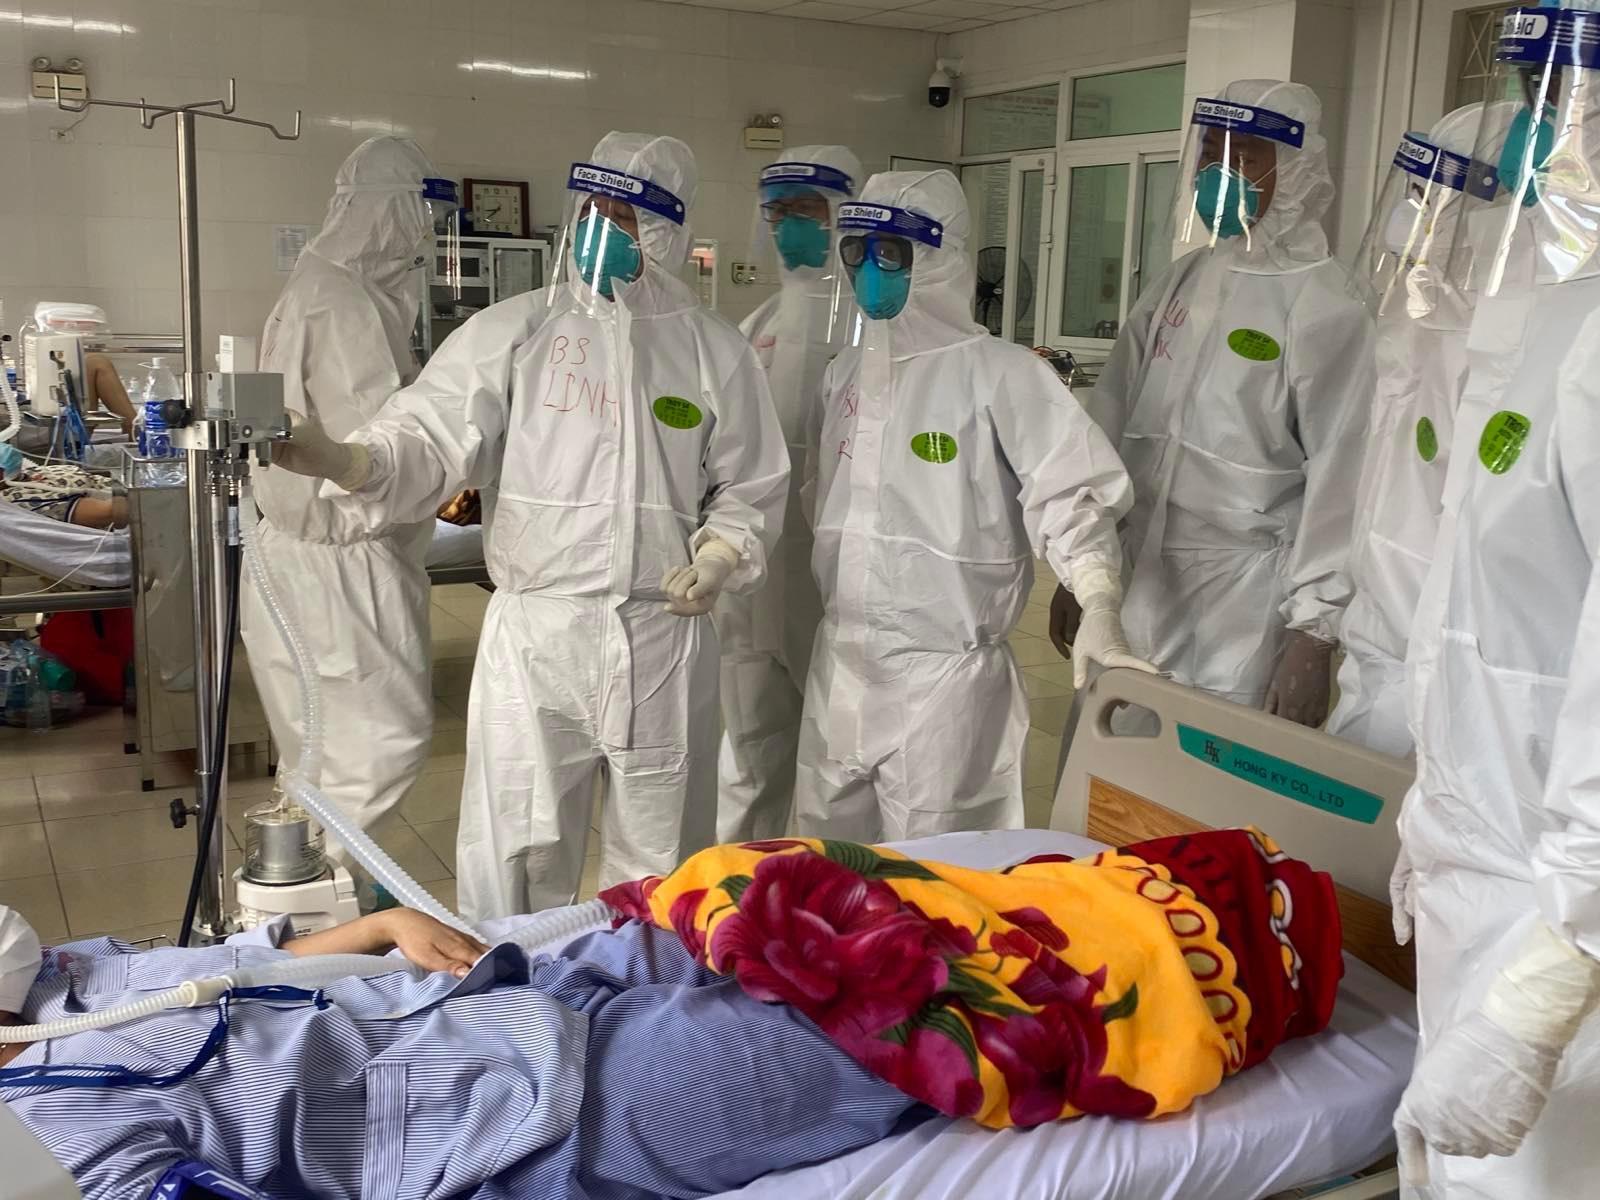 Bác sĩ Linh cùng đội bác sĩ phản ứng nhanh hội chẩn ca bệnh COVID-19 tại Bắc Giang